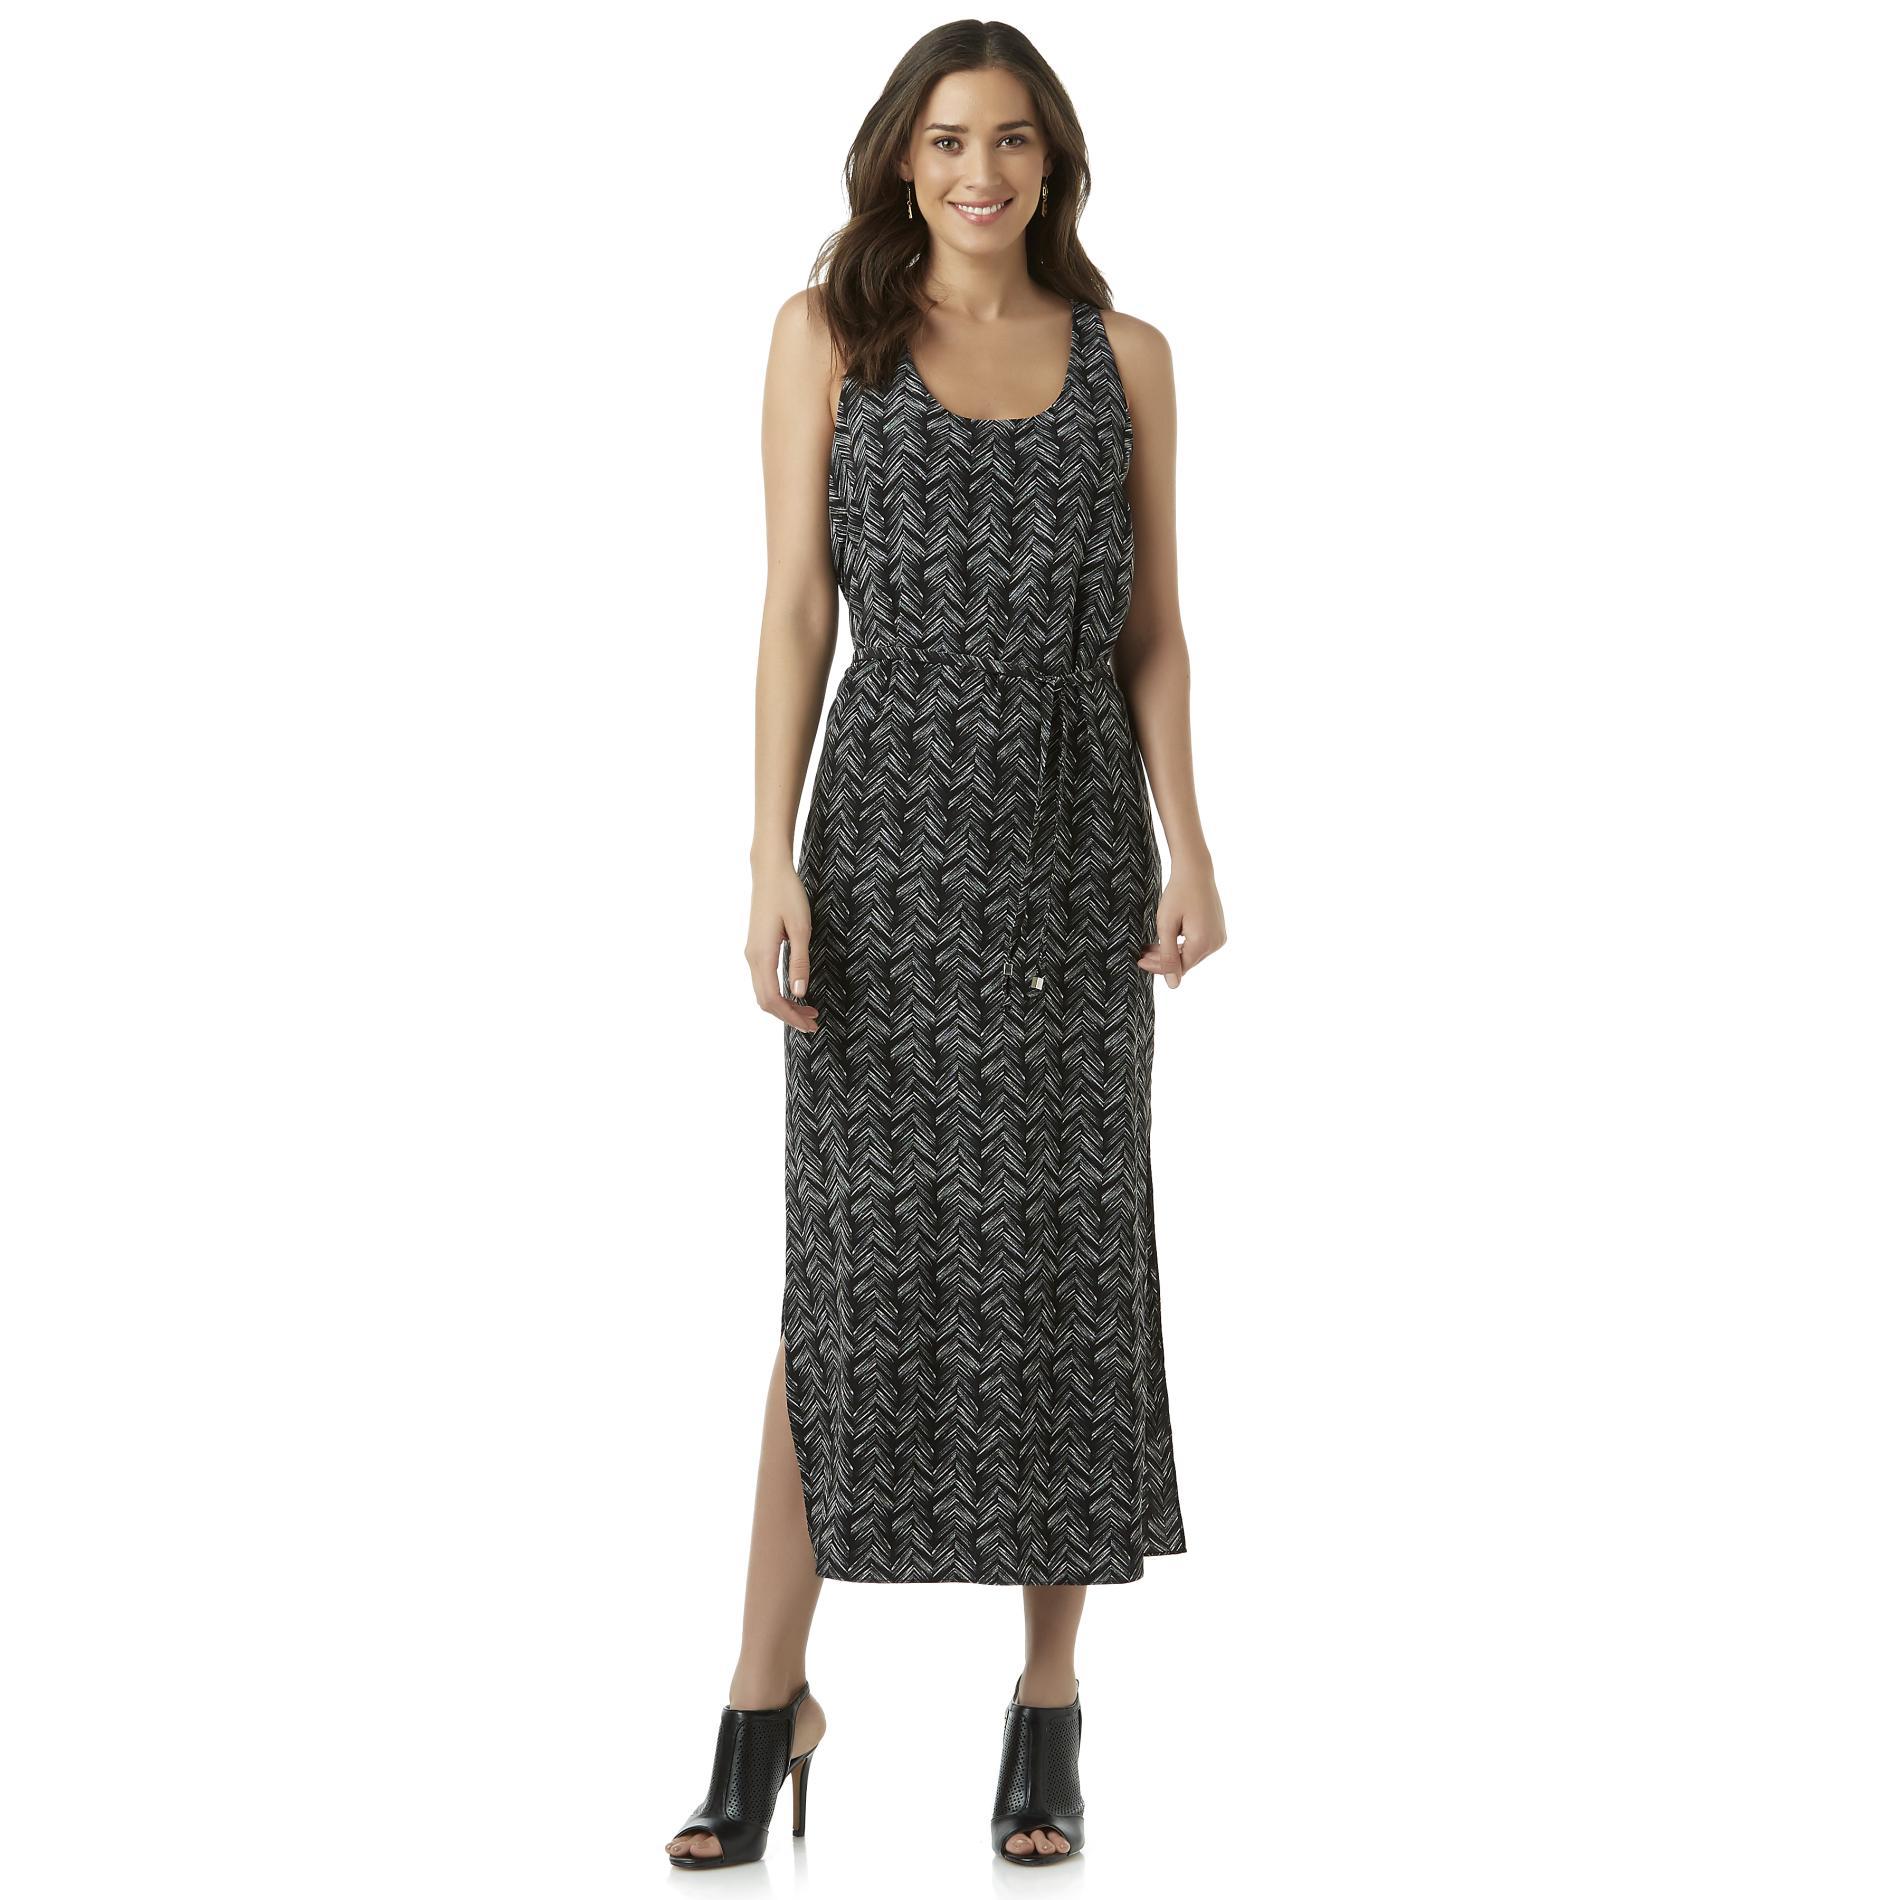 Women's Sleeveless Maxi Dress - Herringbone